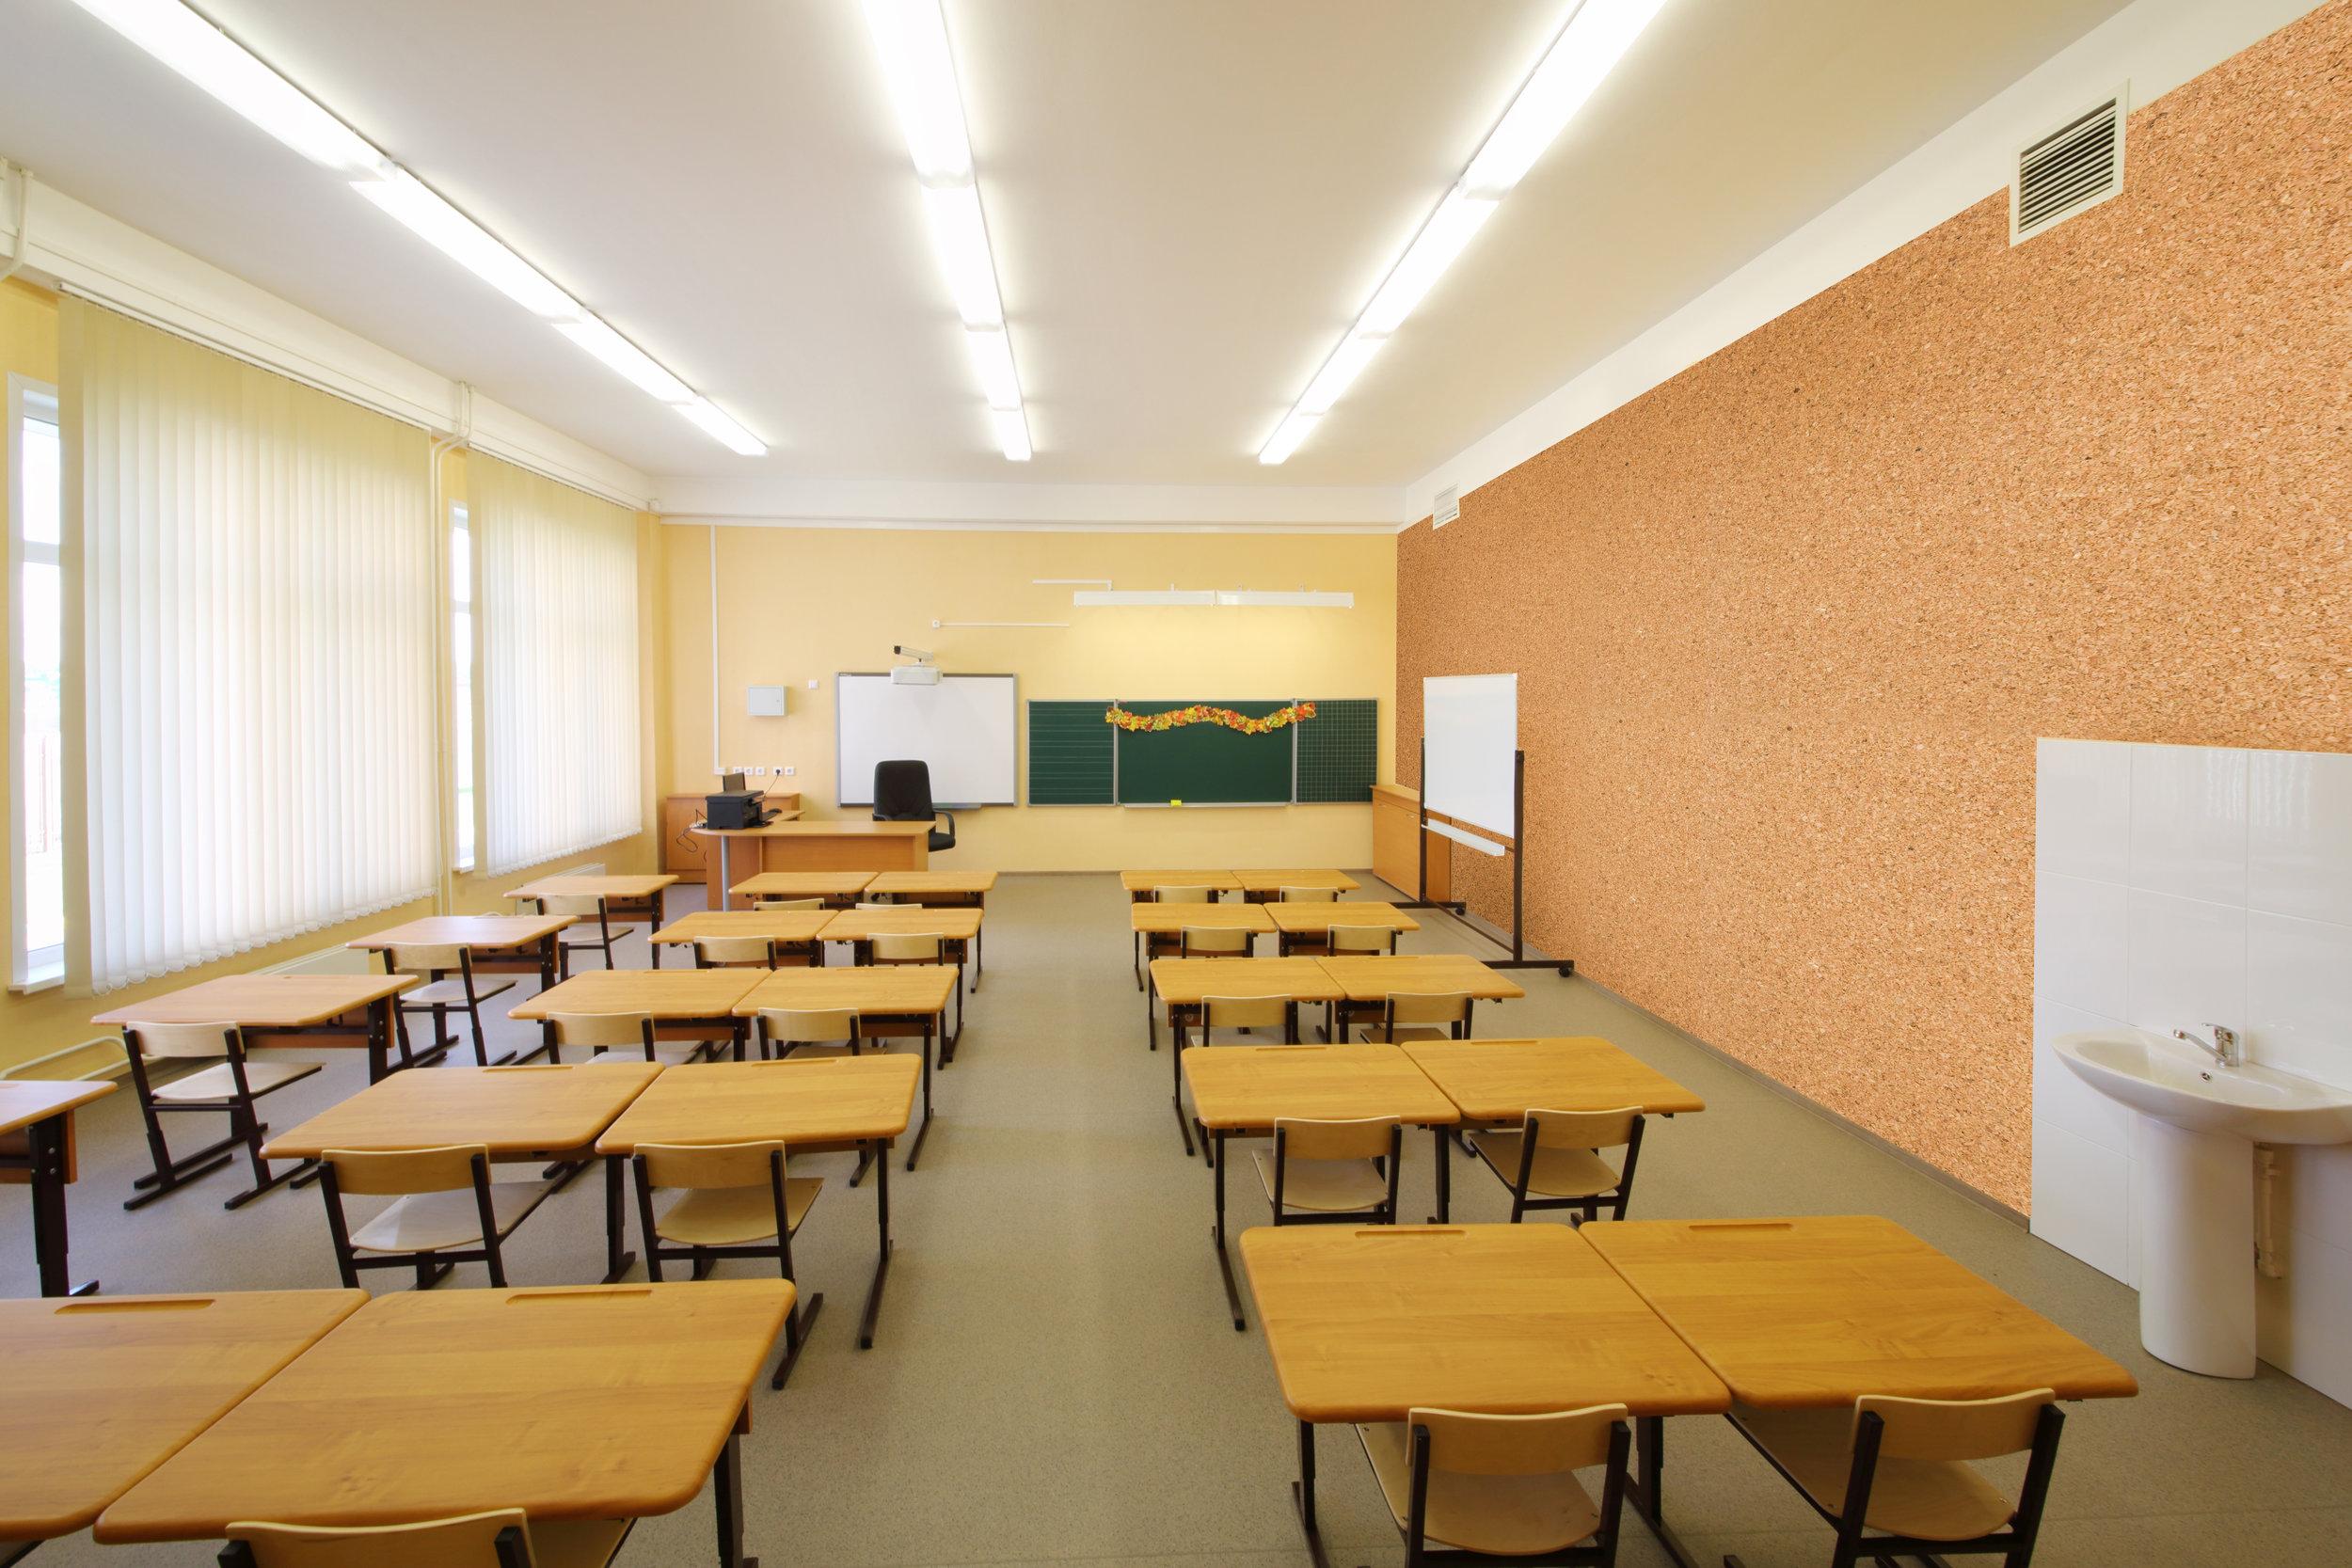 jelinek_classroom_lightbrowncork.jpg